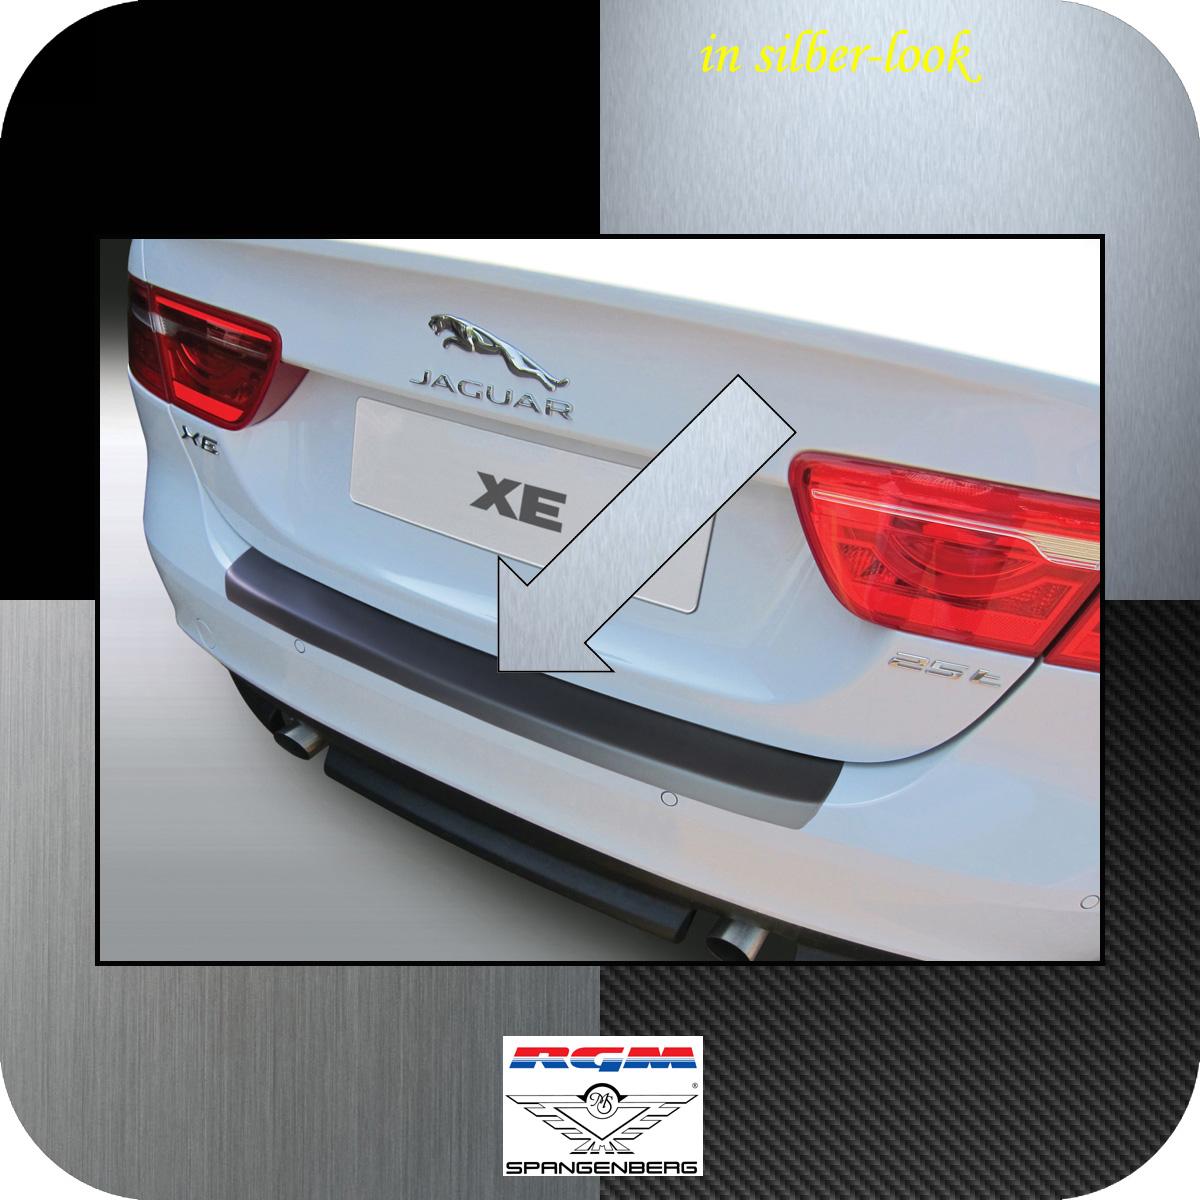 Ladekantenschutz Silber-Look Jaguar XE Limousine 4-Türer X760 ab 2015- 3506891